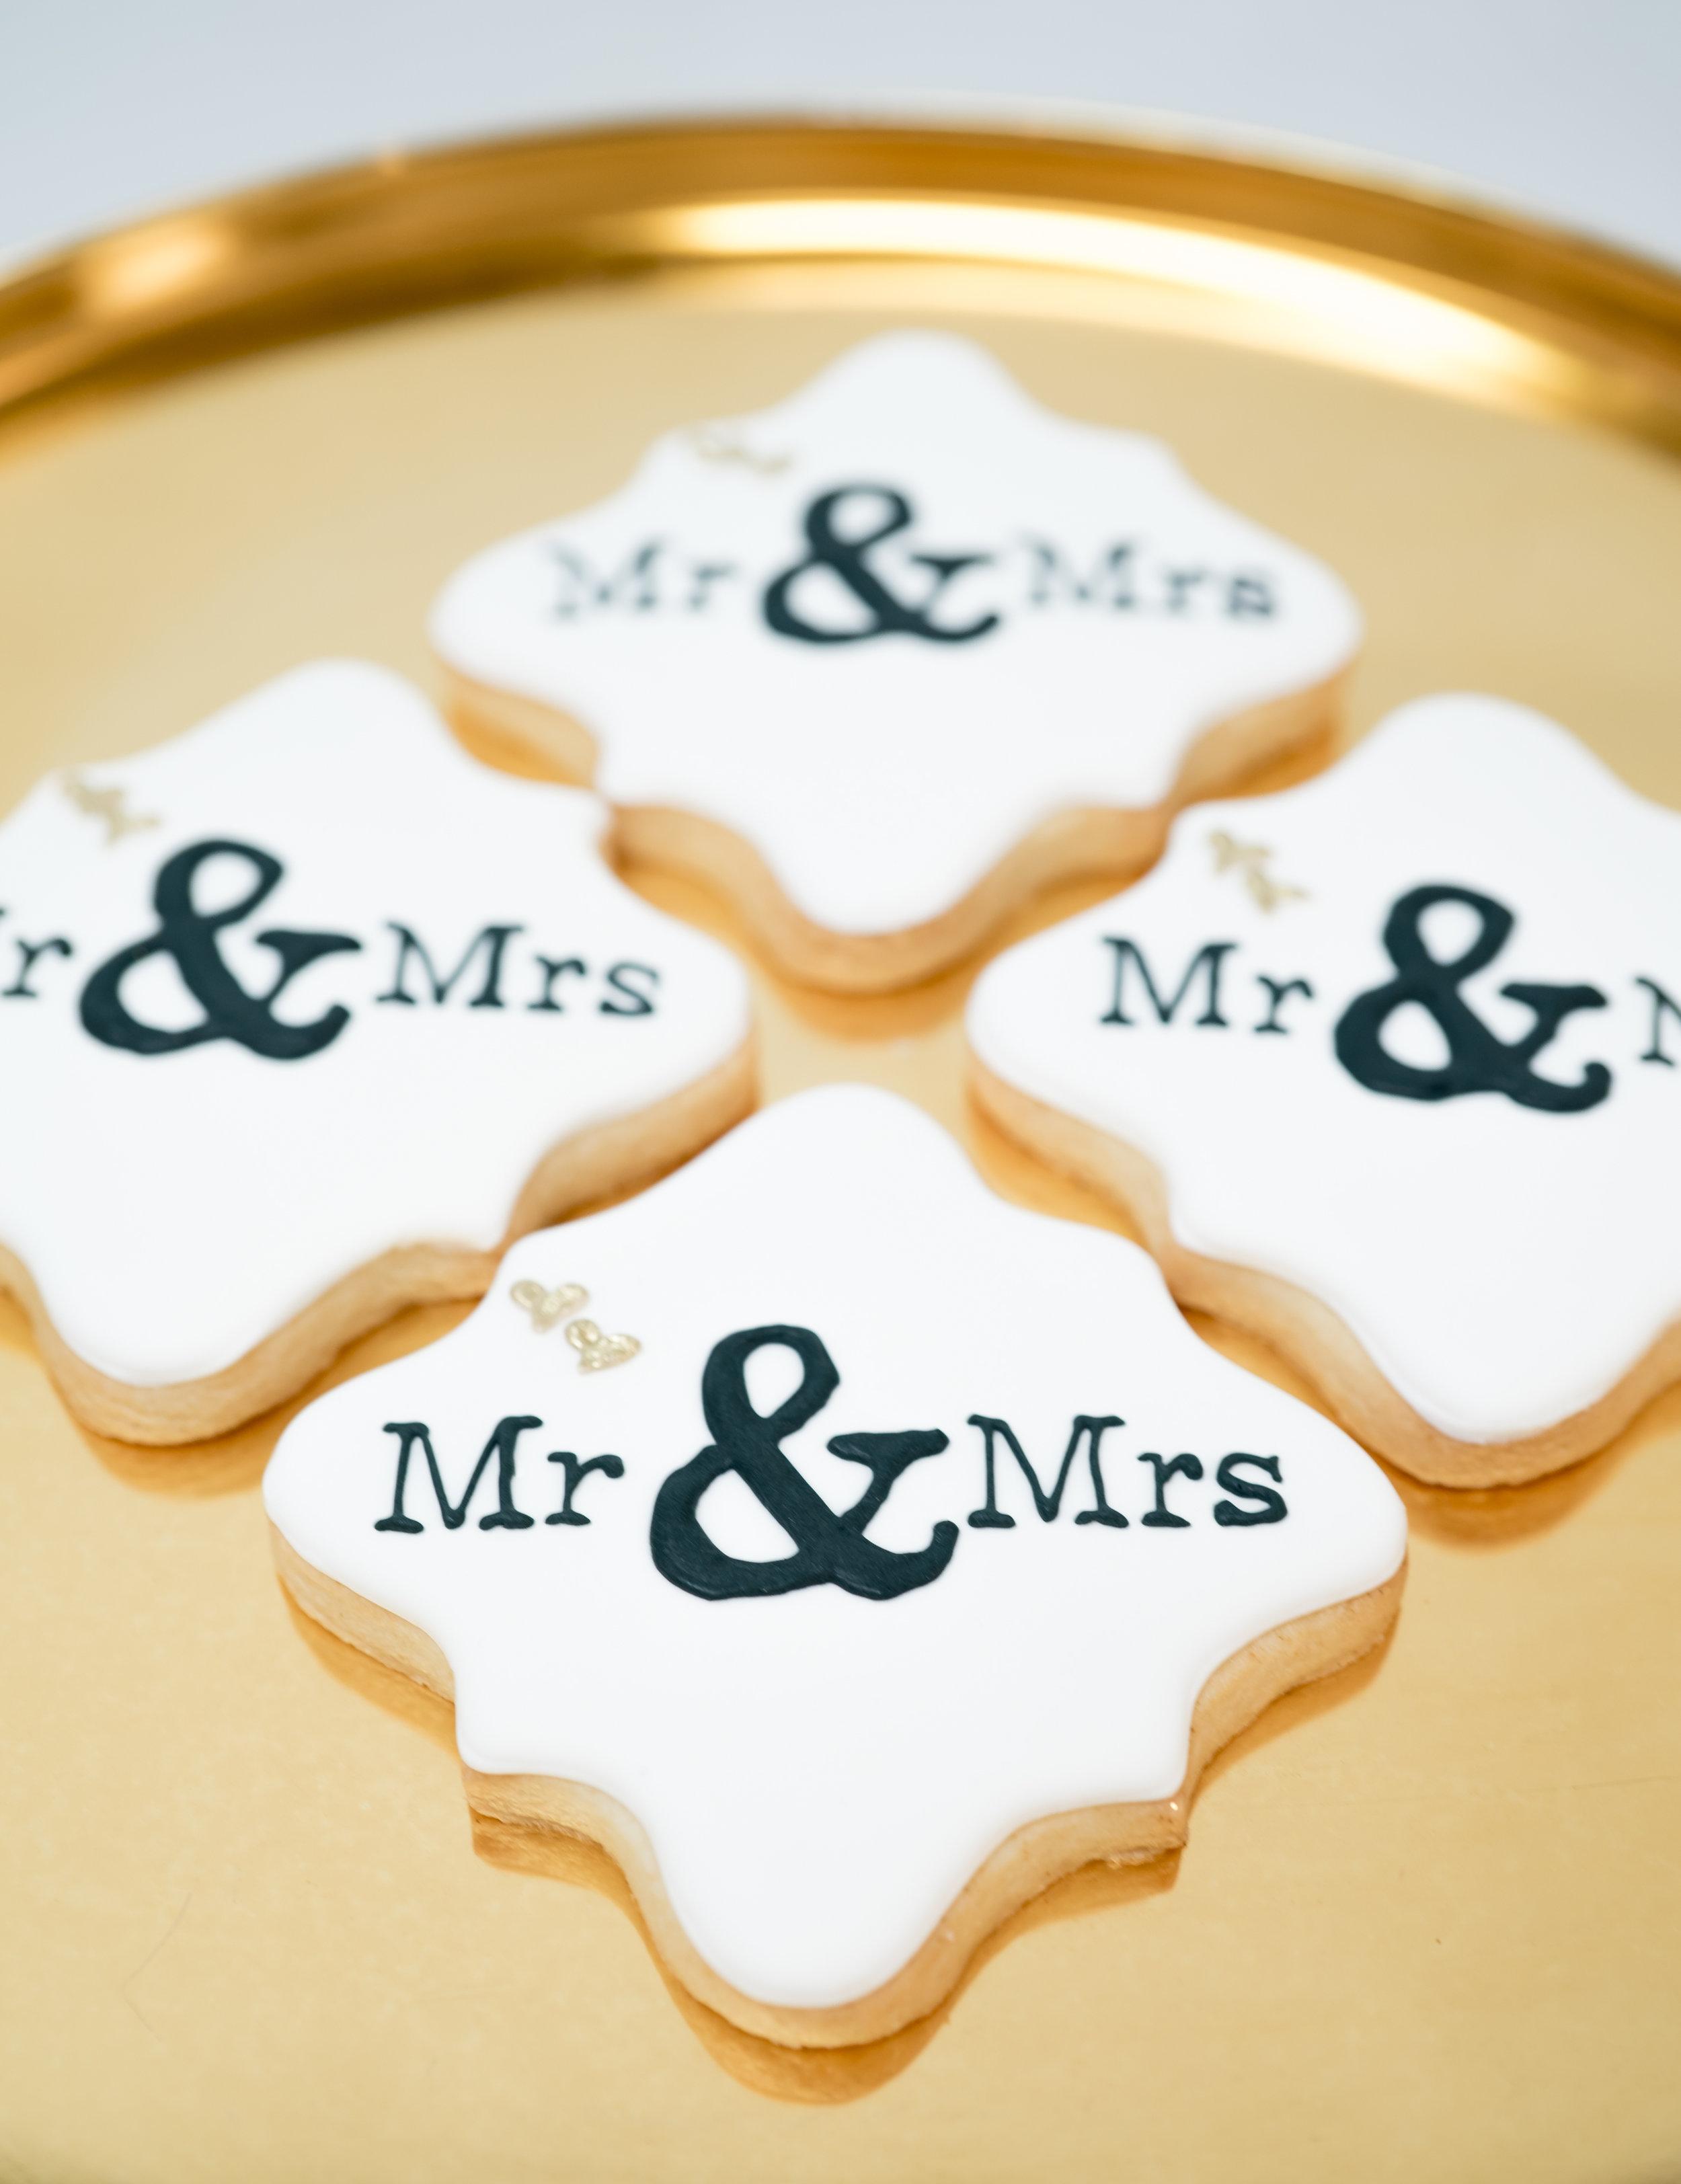 Mr. & Mrs. (1 of 1).jpg